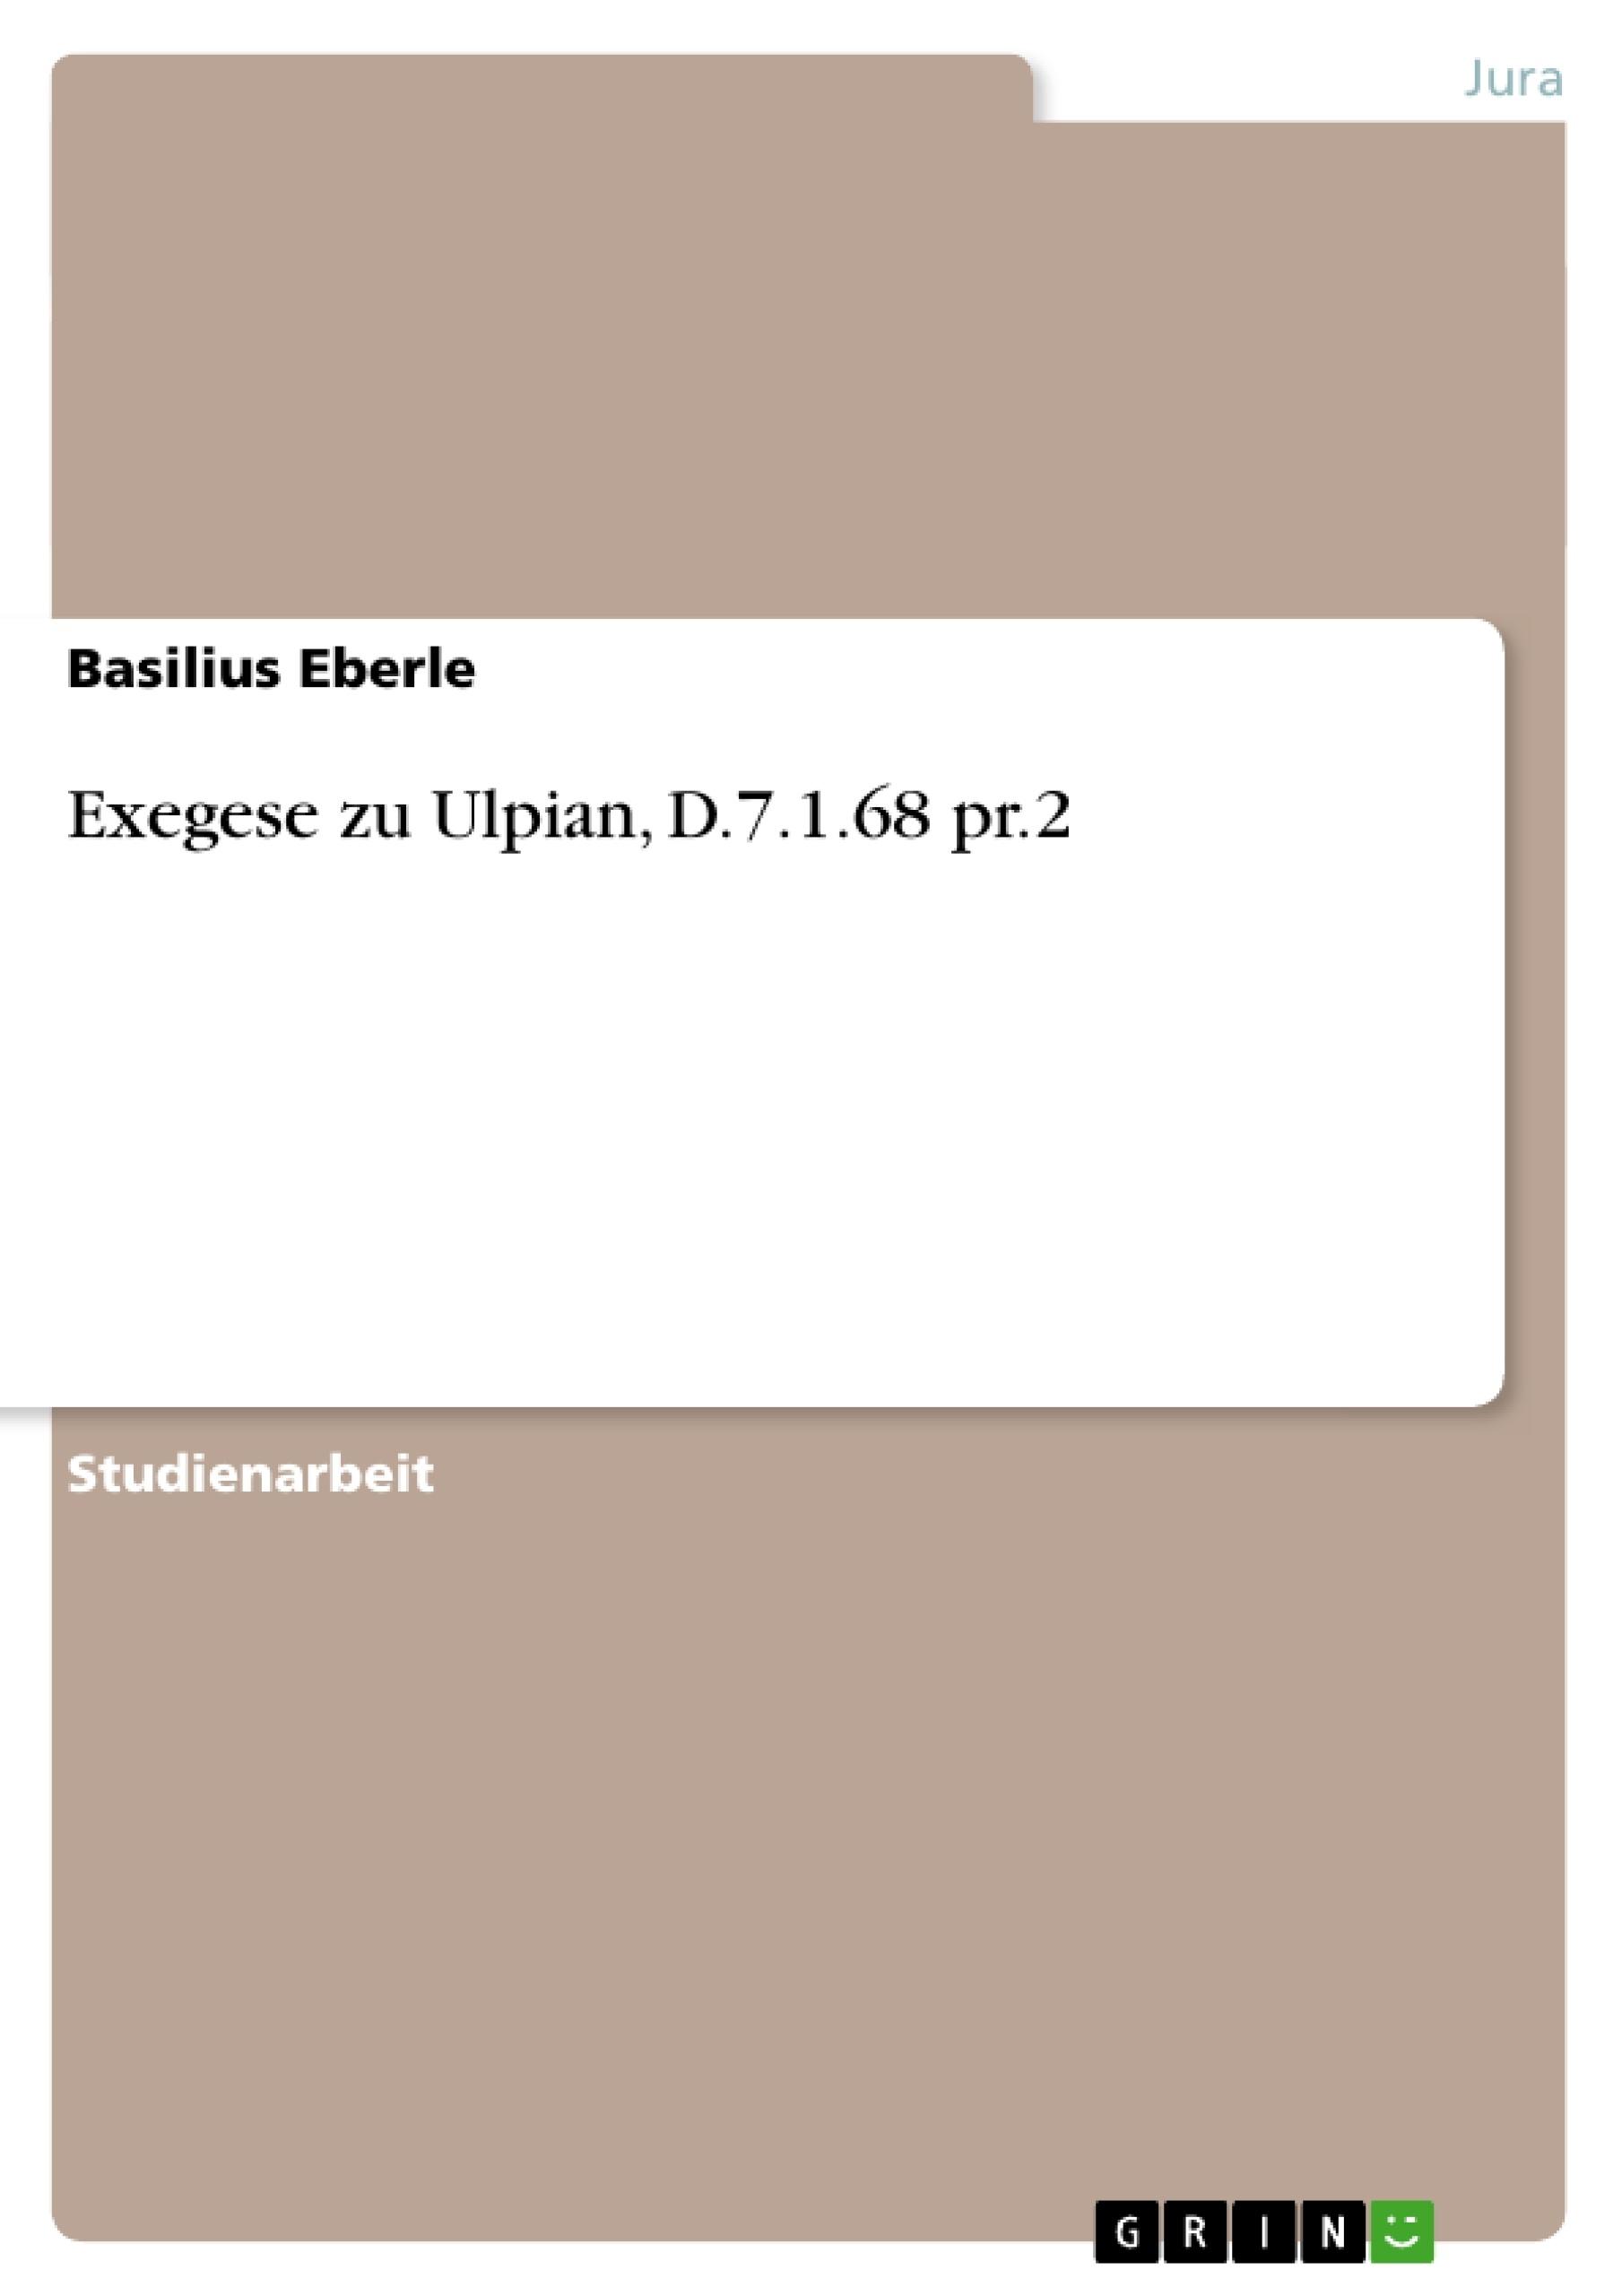 Titel: Exegese zu Ulpian, D.7.1.68 pr.2